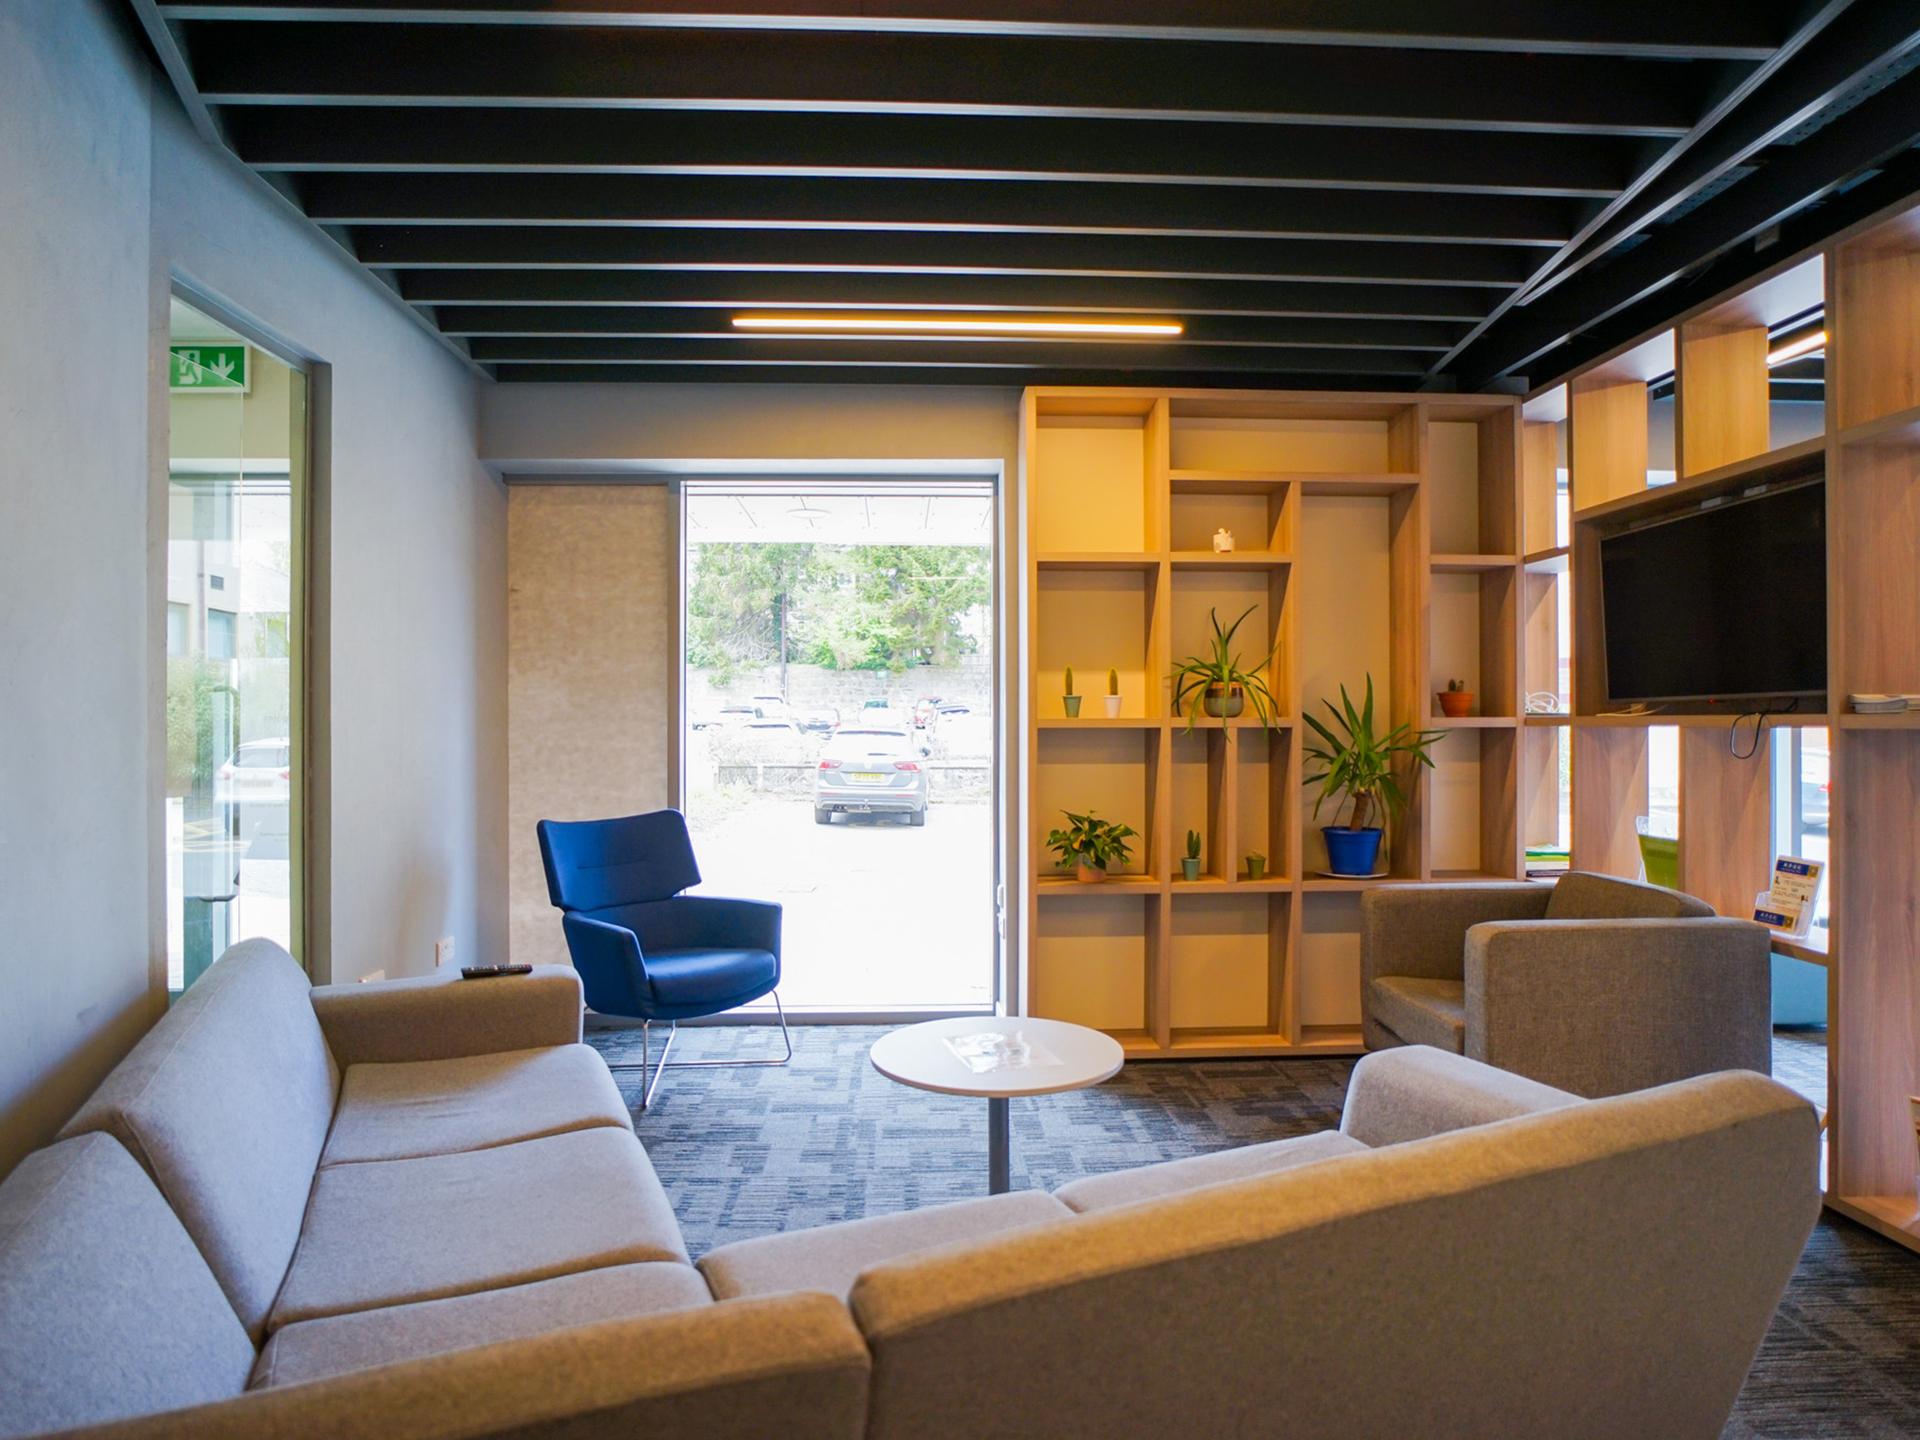 Centro House Social Area